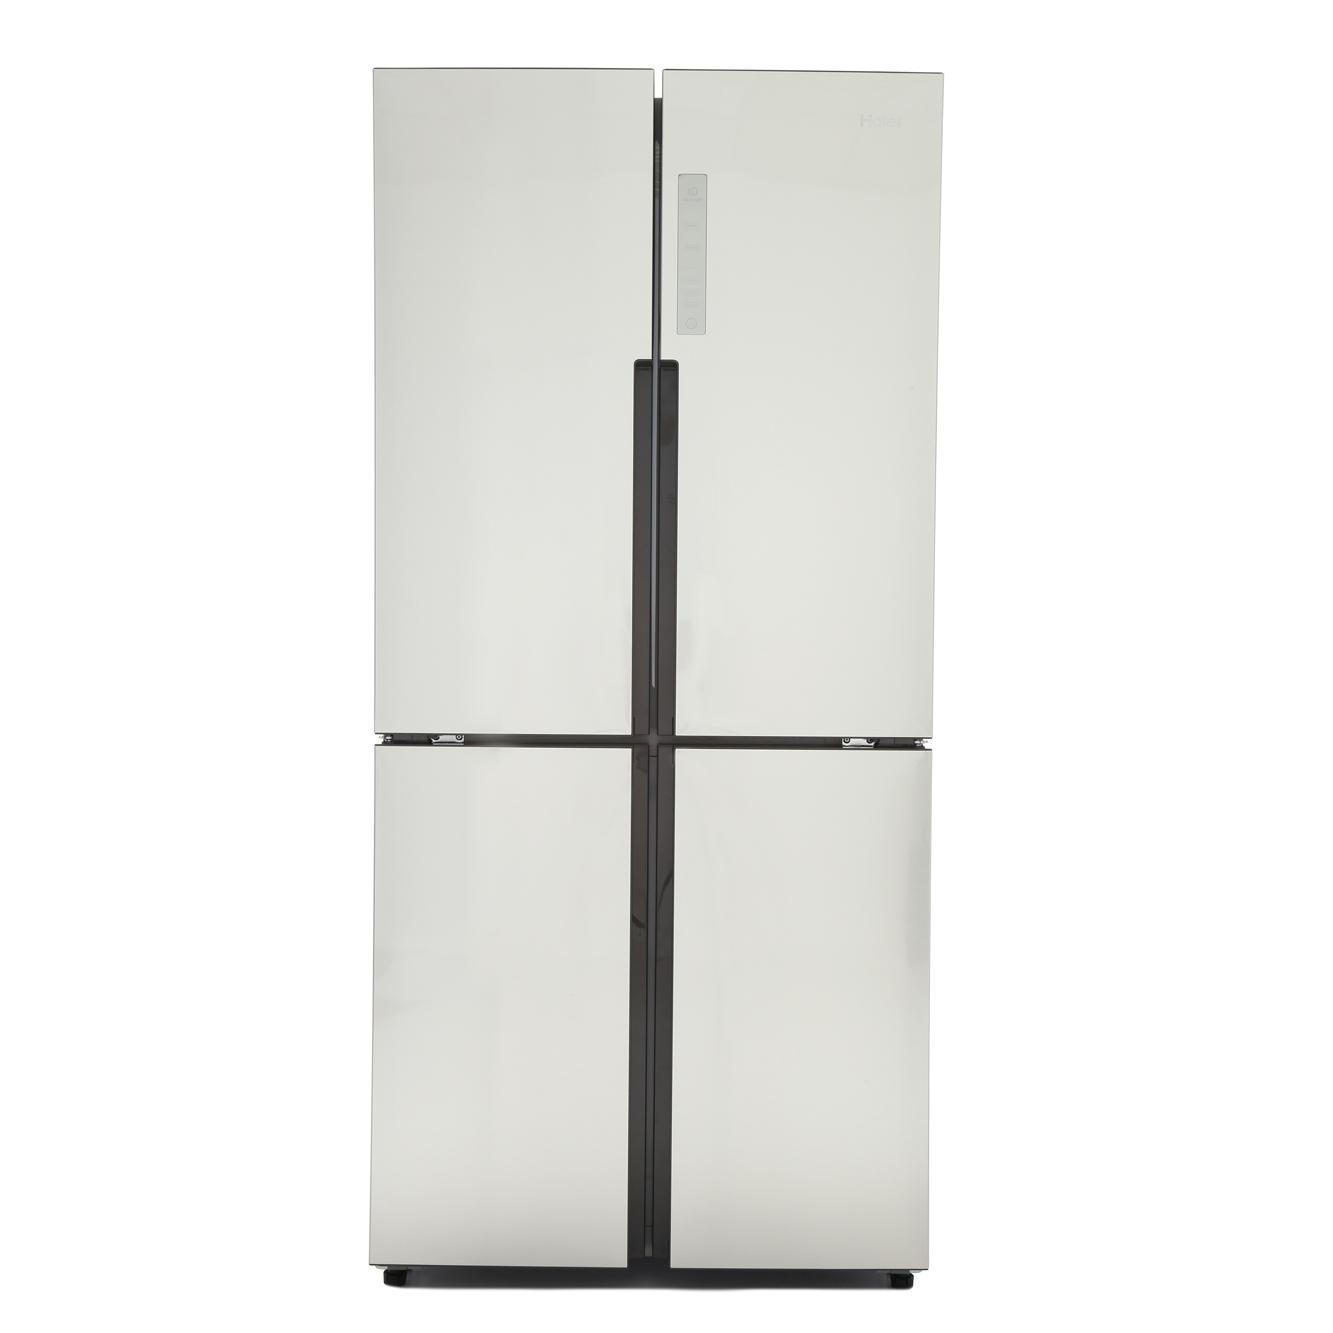 Buy Haier Htf 456dm6 American Fridge Freezer Stainless